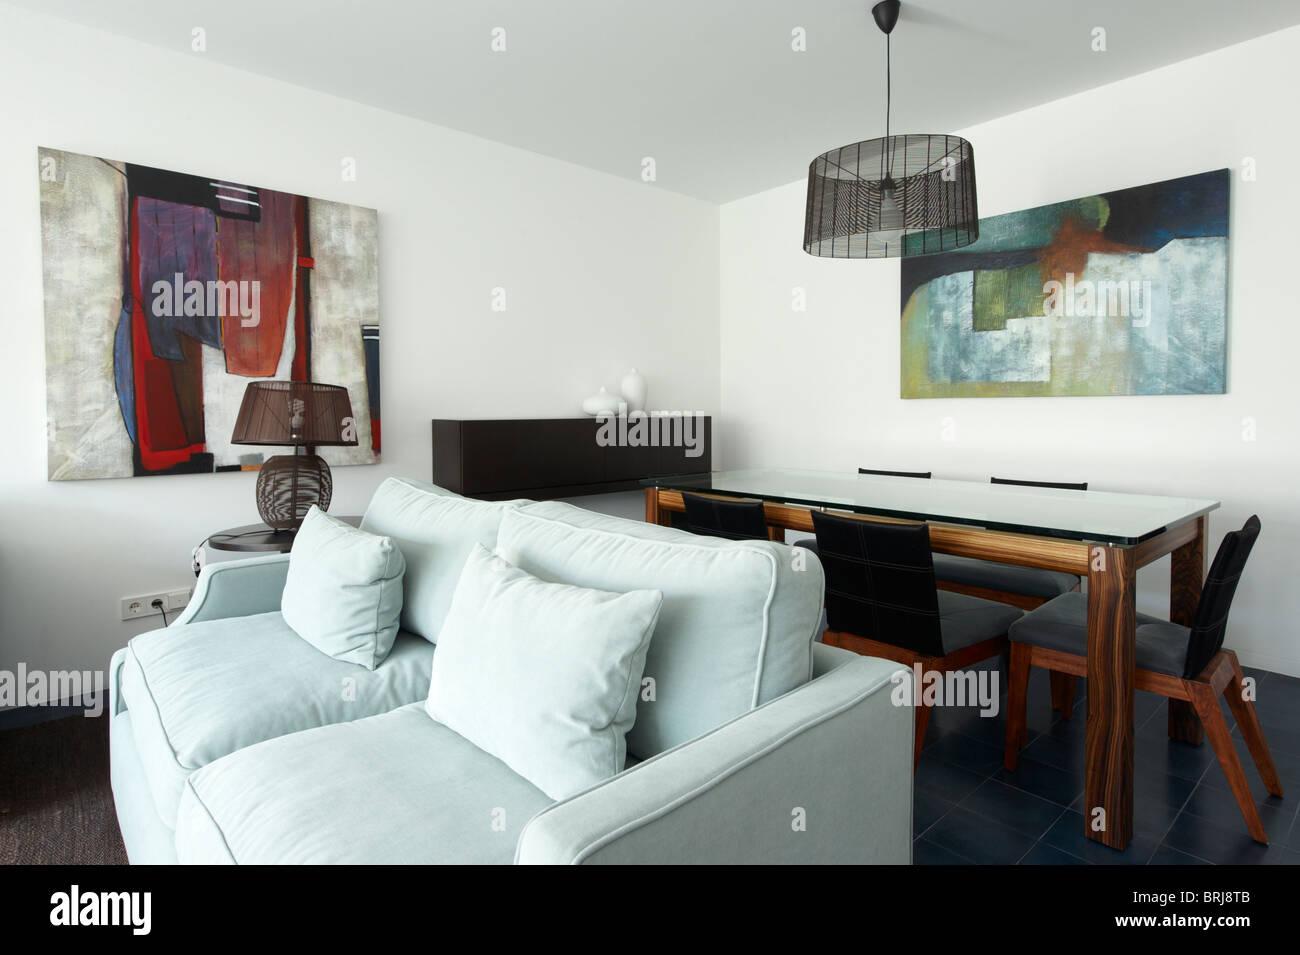 Sofá y mesa de comedor y sillas con un diseño interior moderno y contemporáneo salón Imagen De Stock